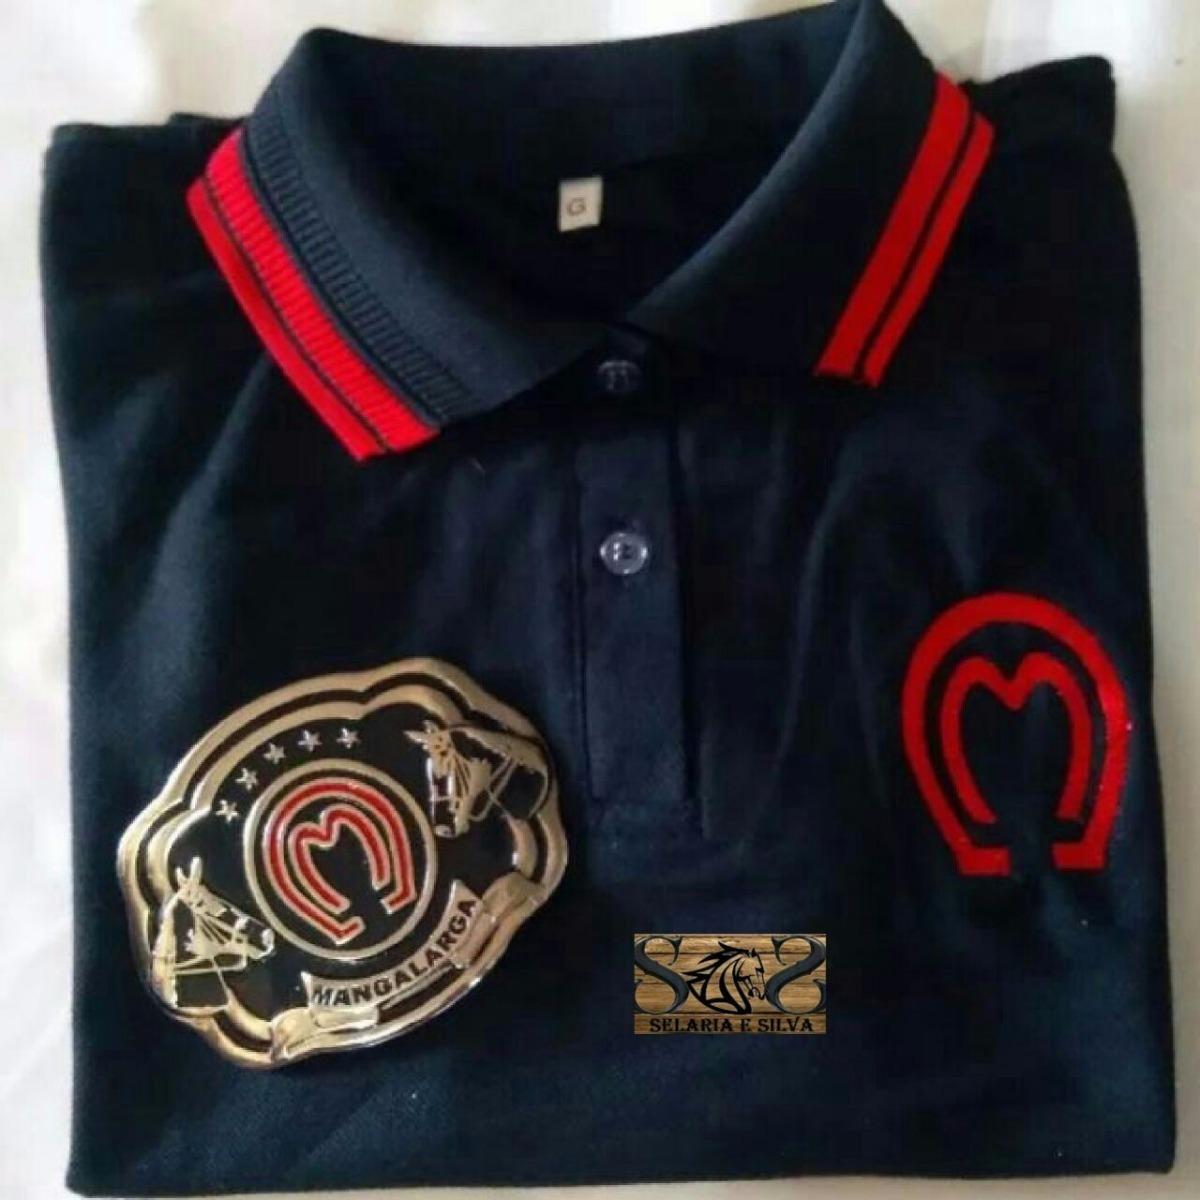 5895472dbab72 Kit Rodeio Camisa Polo E Fivela P  Cinto Mangalrga S  Frete! - R  90 ...